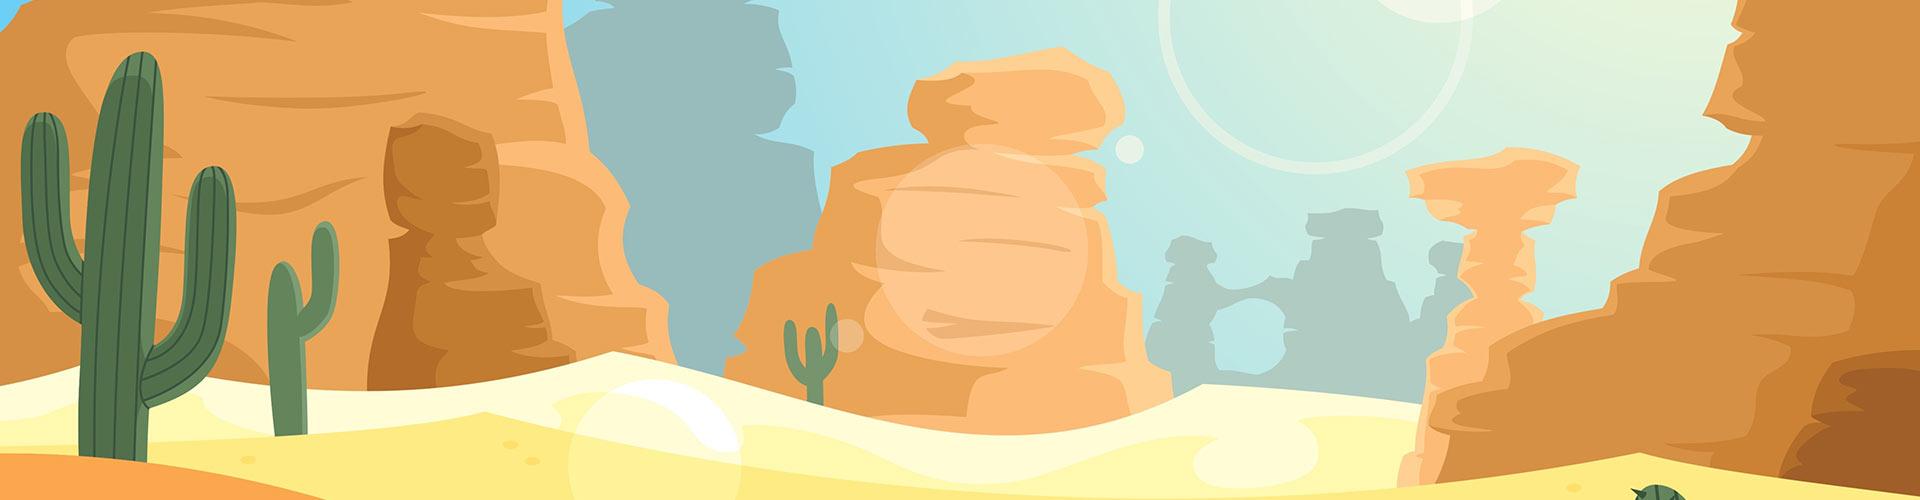 Subtitle of this work Sed ut perspiciatis unde omnis iste natus error sit voluptatem accusantium doloremque laudantium, totam rem aperiam, eaque ipsa quae ab illo inventore veritatis et quasi architecto beatae vitae dicta sunt explicabo. Nemo enim ipsam voluptatem quia voluptas sit aspernatur aut odit aut fugit, sed quia consequuntur[...]